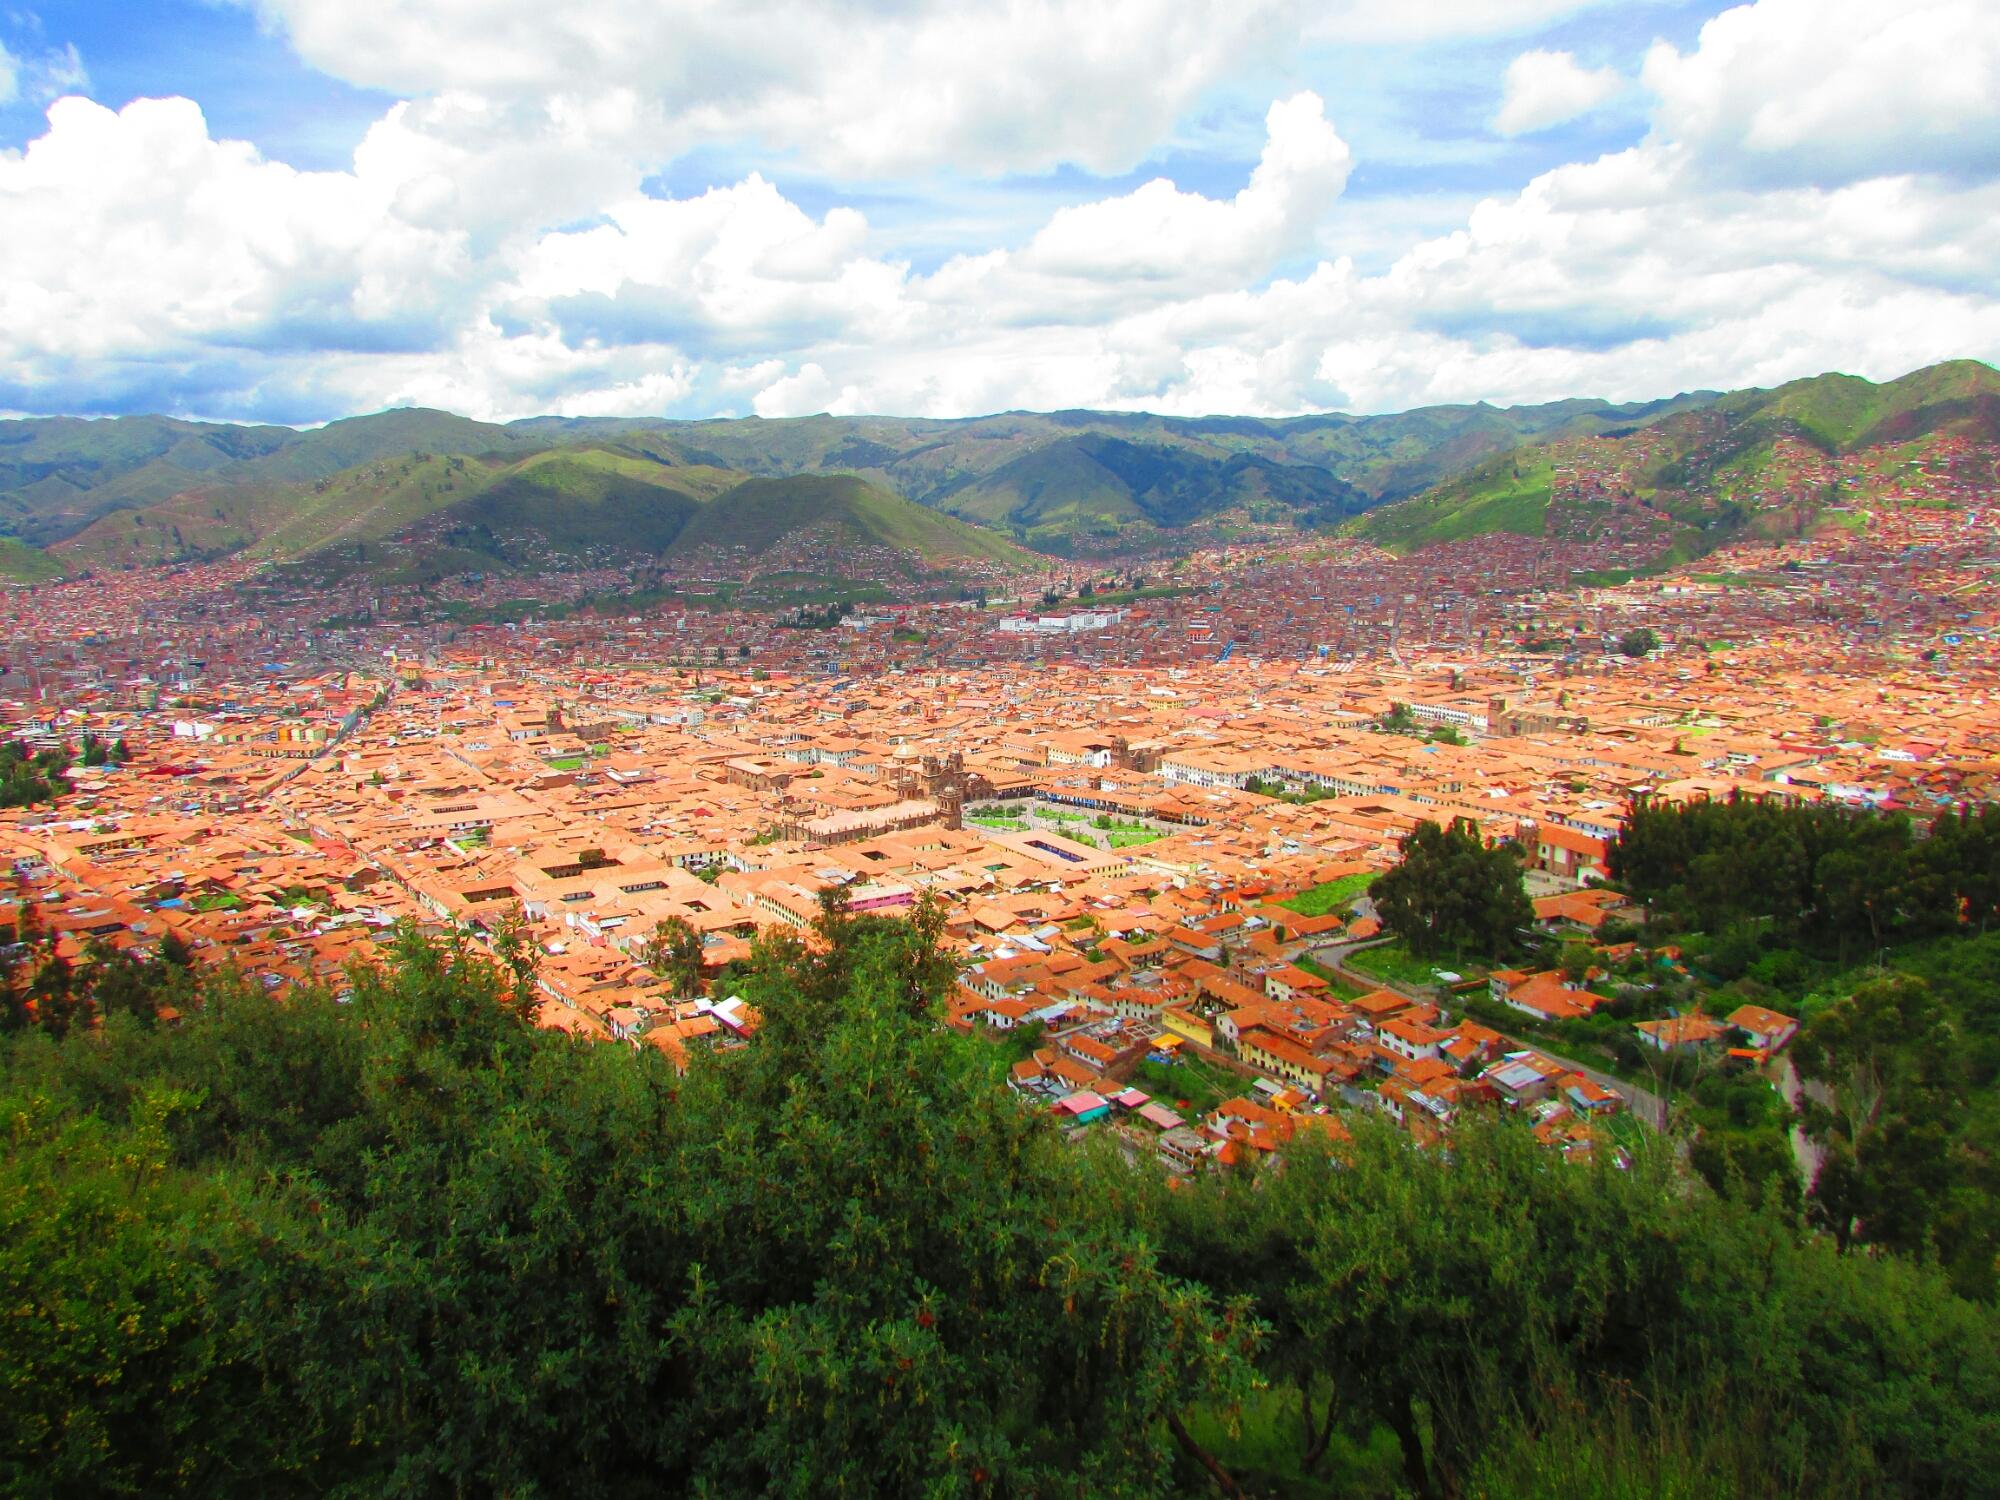 vista panorámica de la ciudad de Cuzco desde la estatua del Cristo Blanco